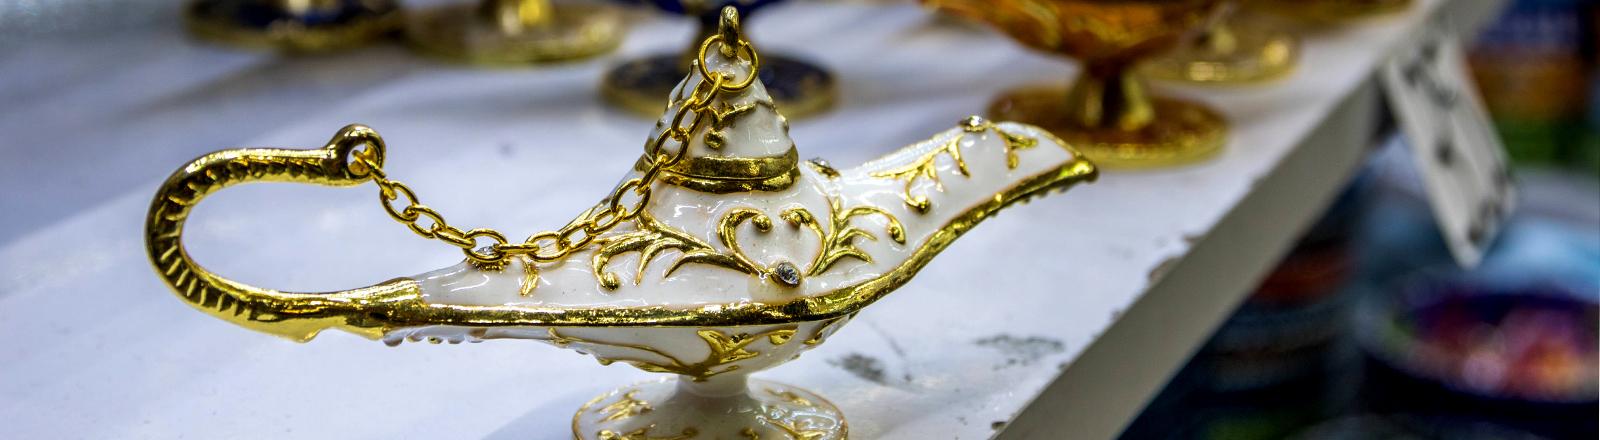 Öllampe - wie aus Aladin und die Wunderlampe